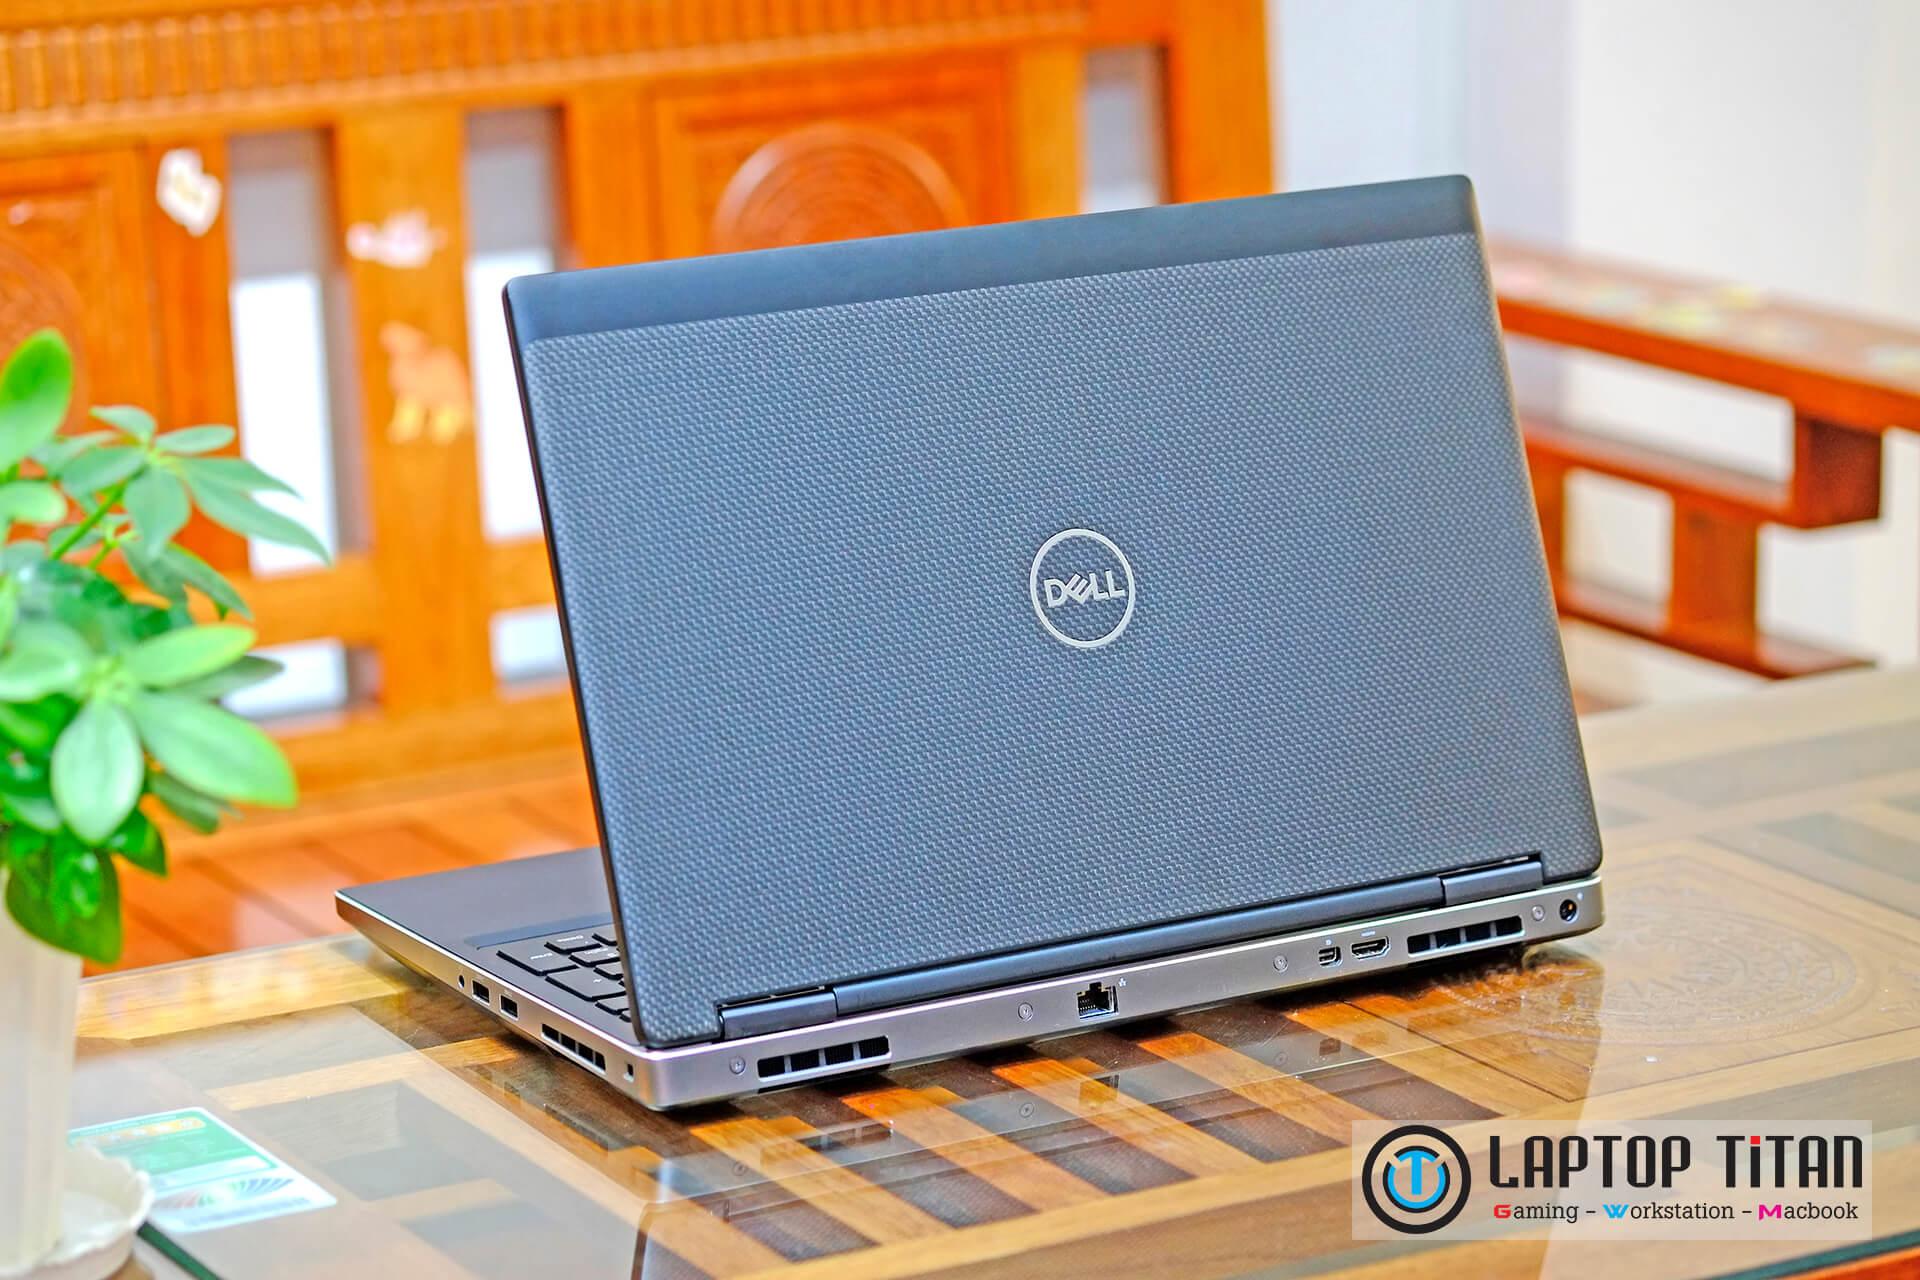 Dell Precision 7530 Laptoptitan 07